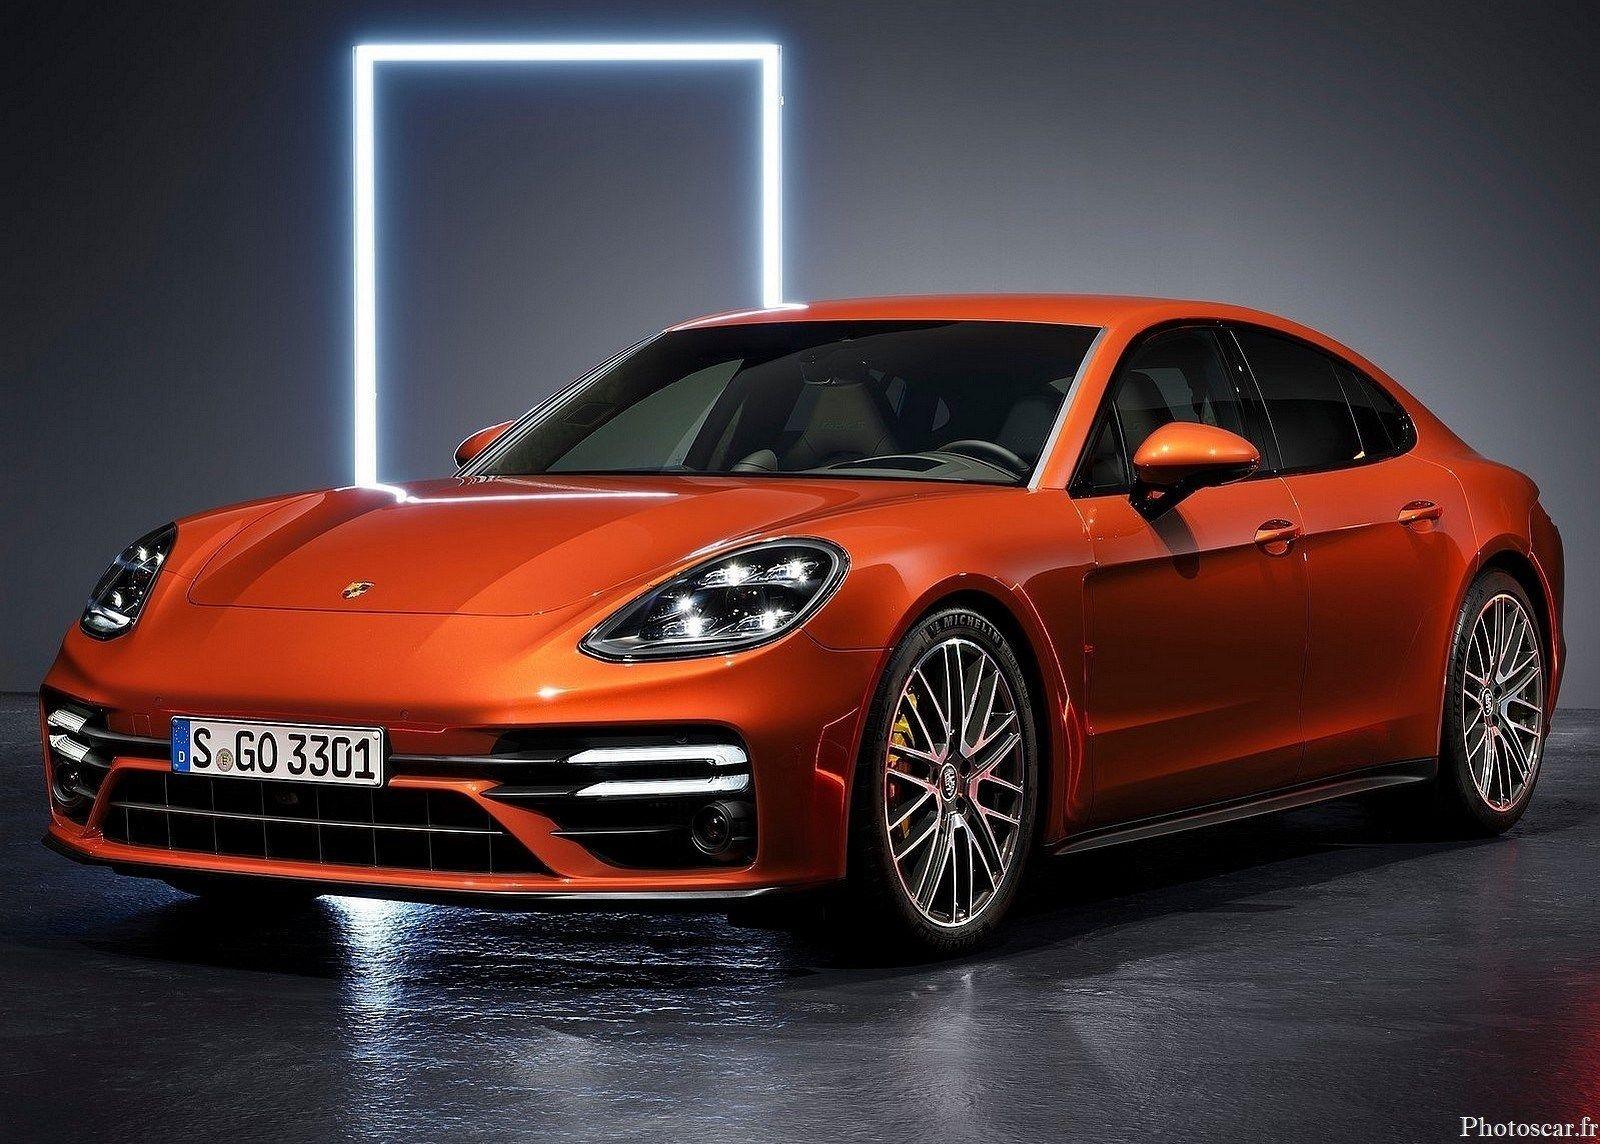 Porsche Panamera 2021 Turbo S 4s E Hybrid Sport Turismo Photoscar Porsche Modelos Porsche Panamera Porsche